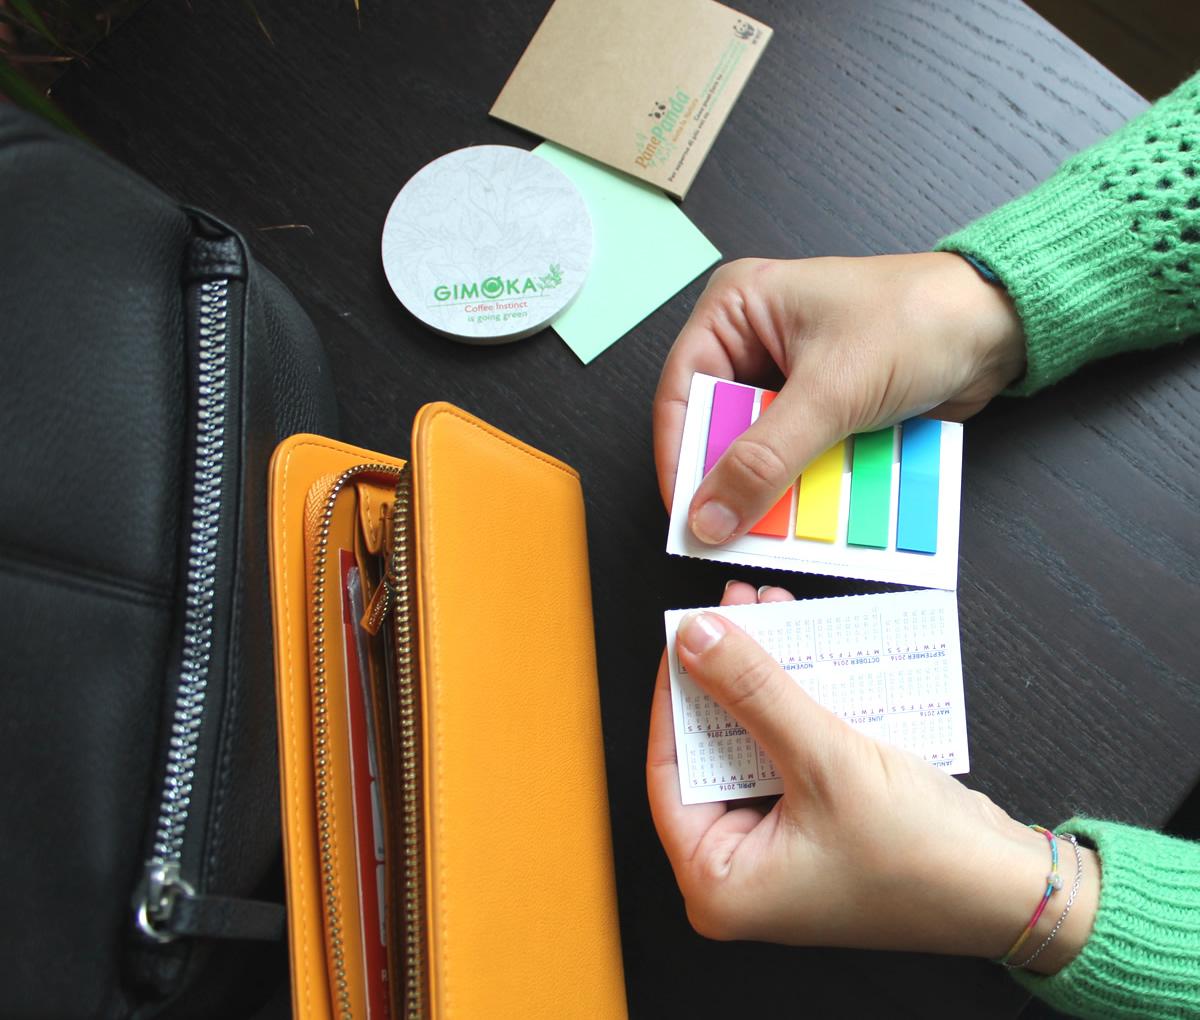 CardMemo tascabile che diventa un biglietto da visita in sole 2 mosse